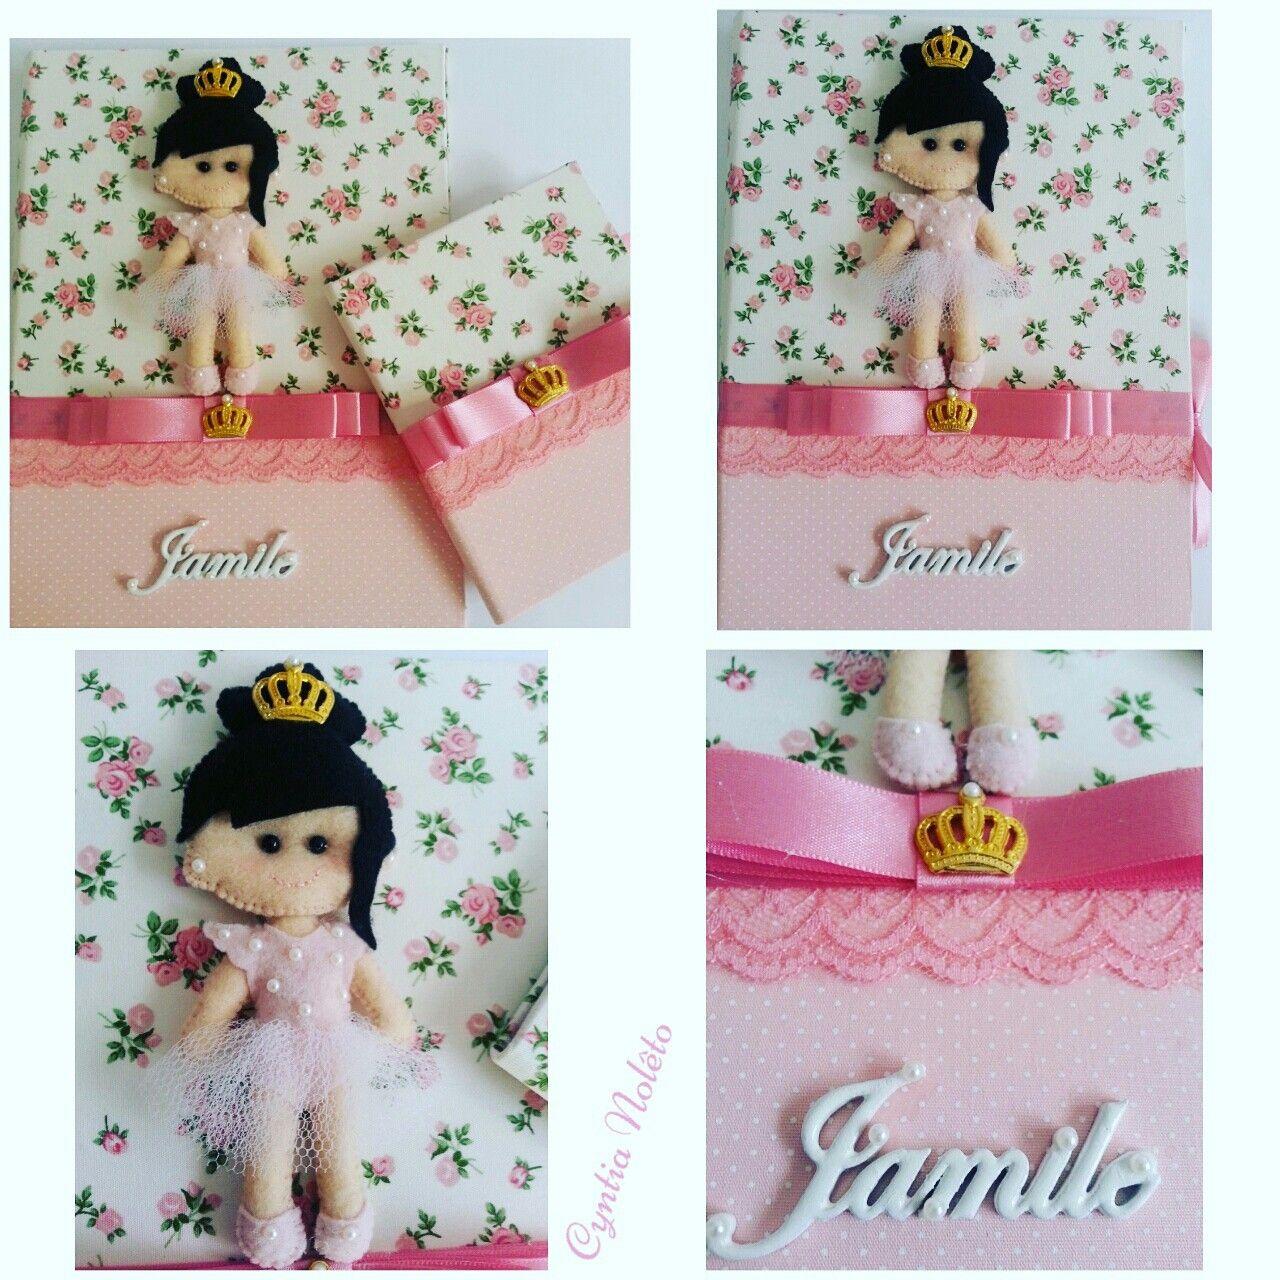 Caderneta de Vacina e Porto Documento para a Princesa Jamile.